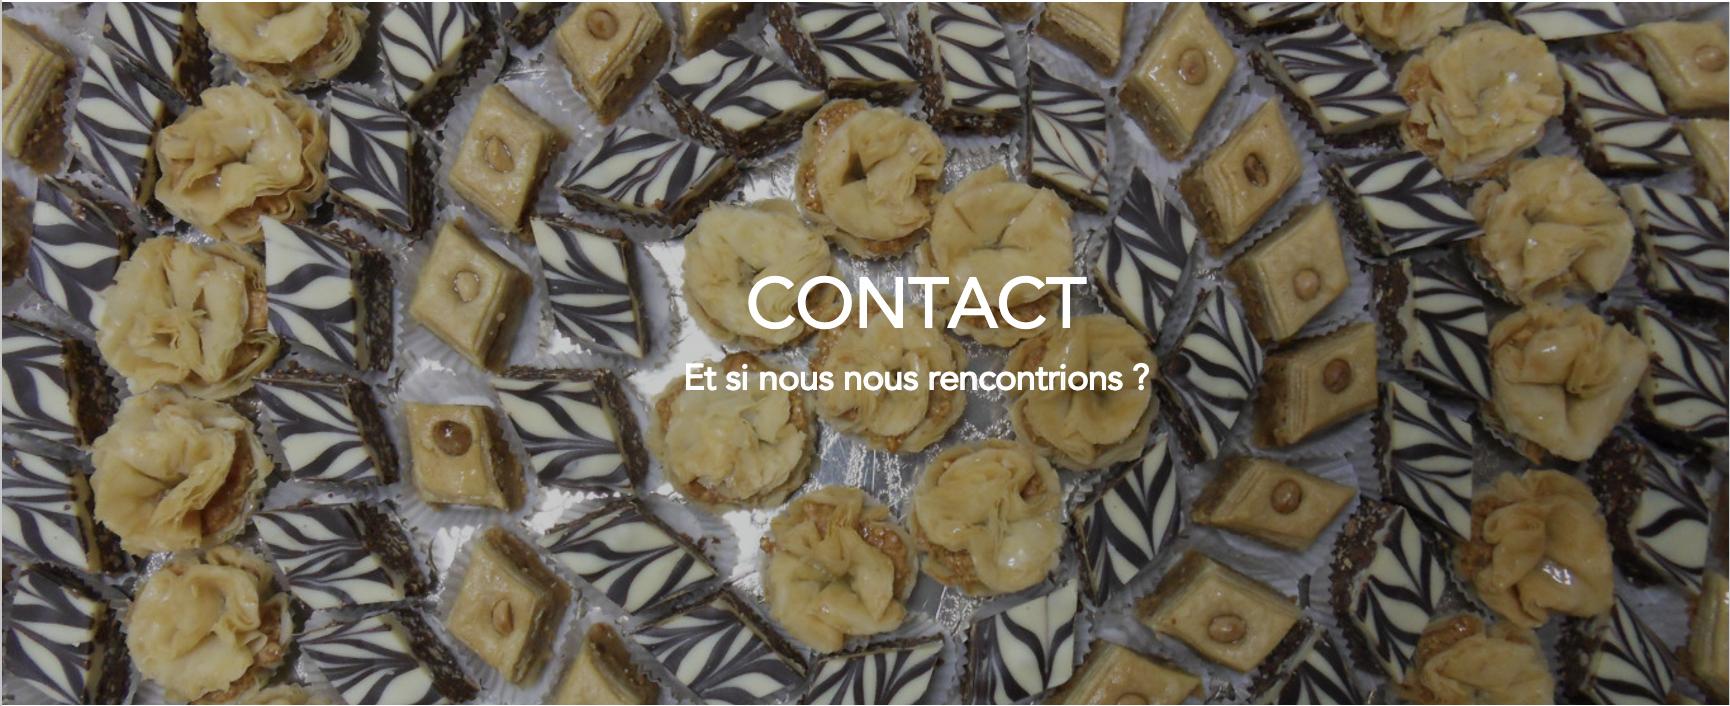 Contact Cannelle et Piment